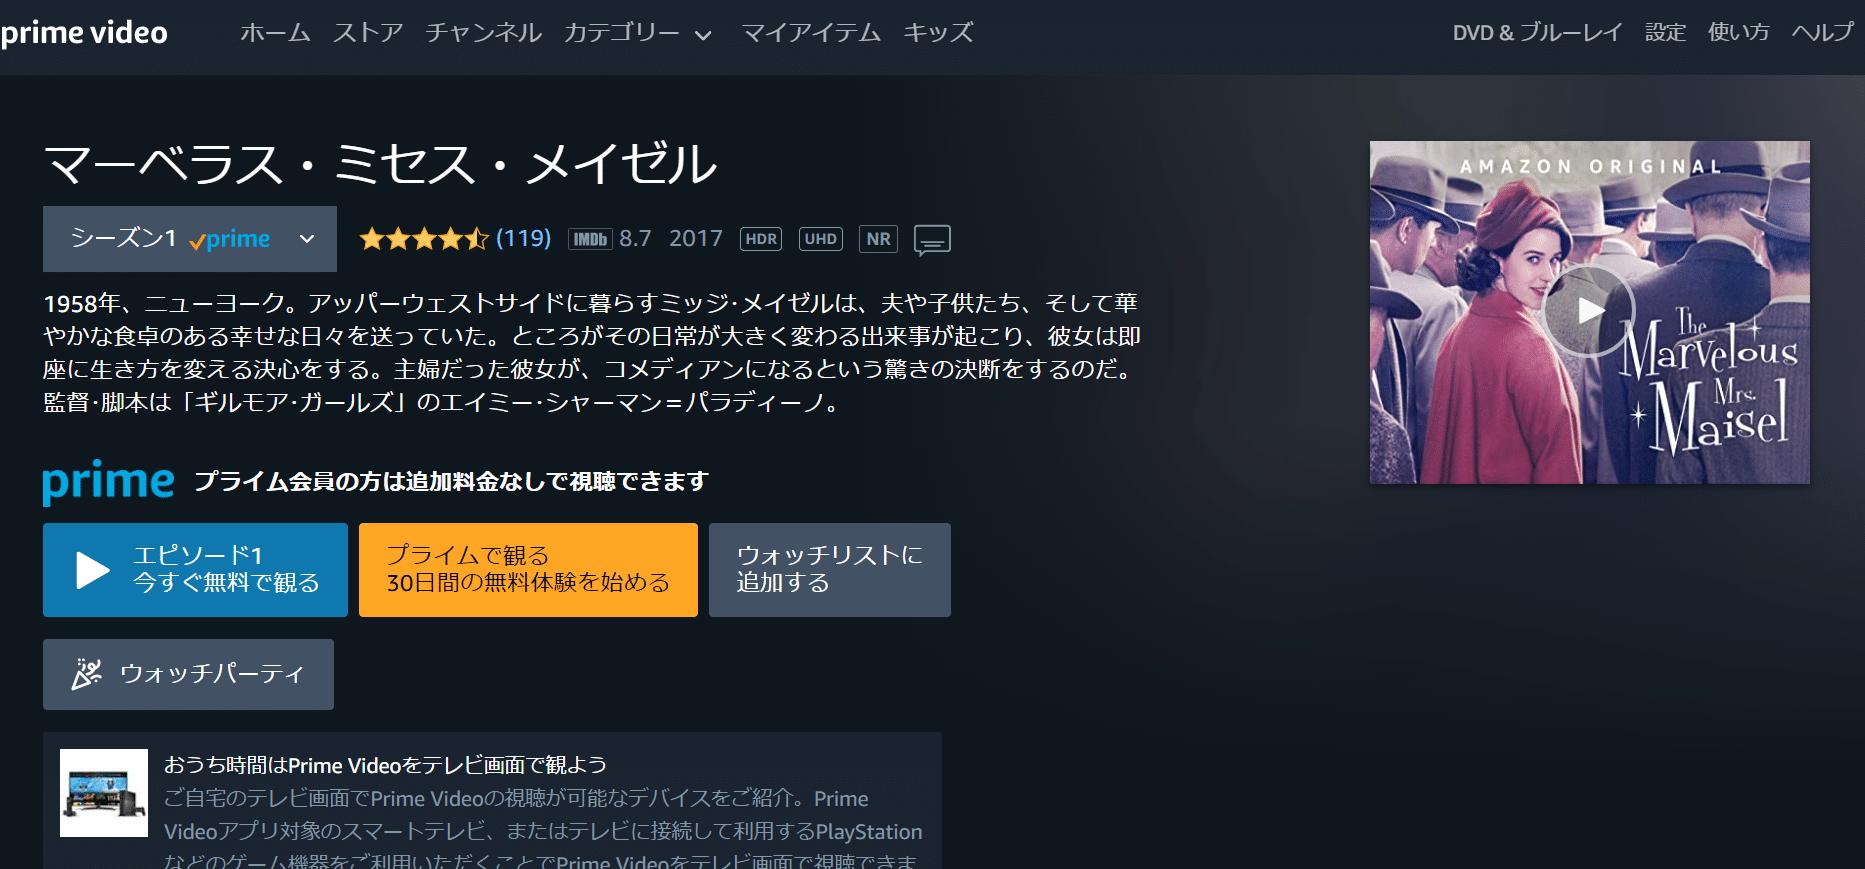 海外ドラマ『フリーバッグ シーズン1』関連作品